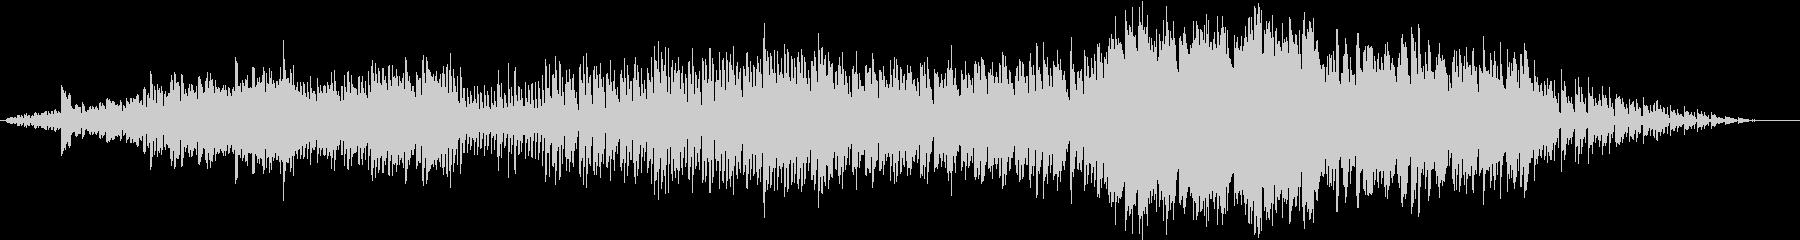 変化するシンセとドラムマシンのジャムの未再生の波形